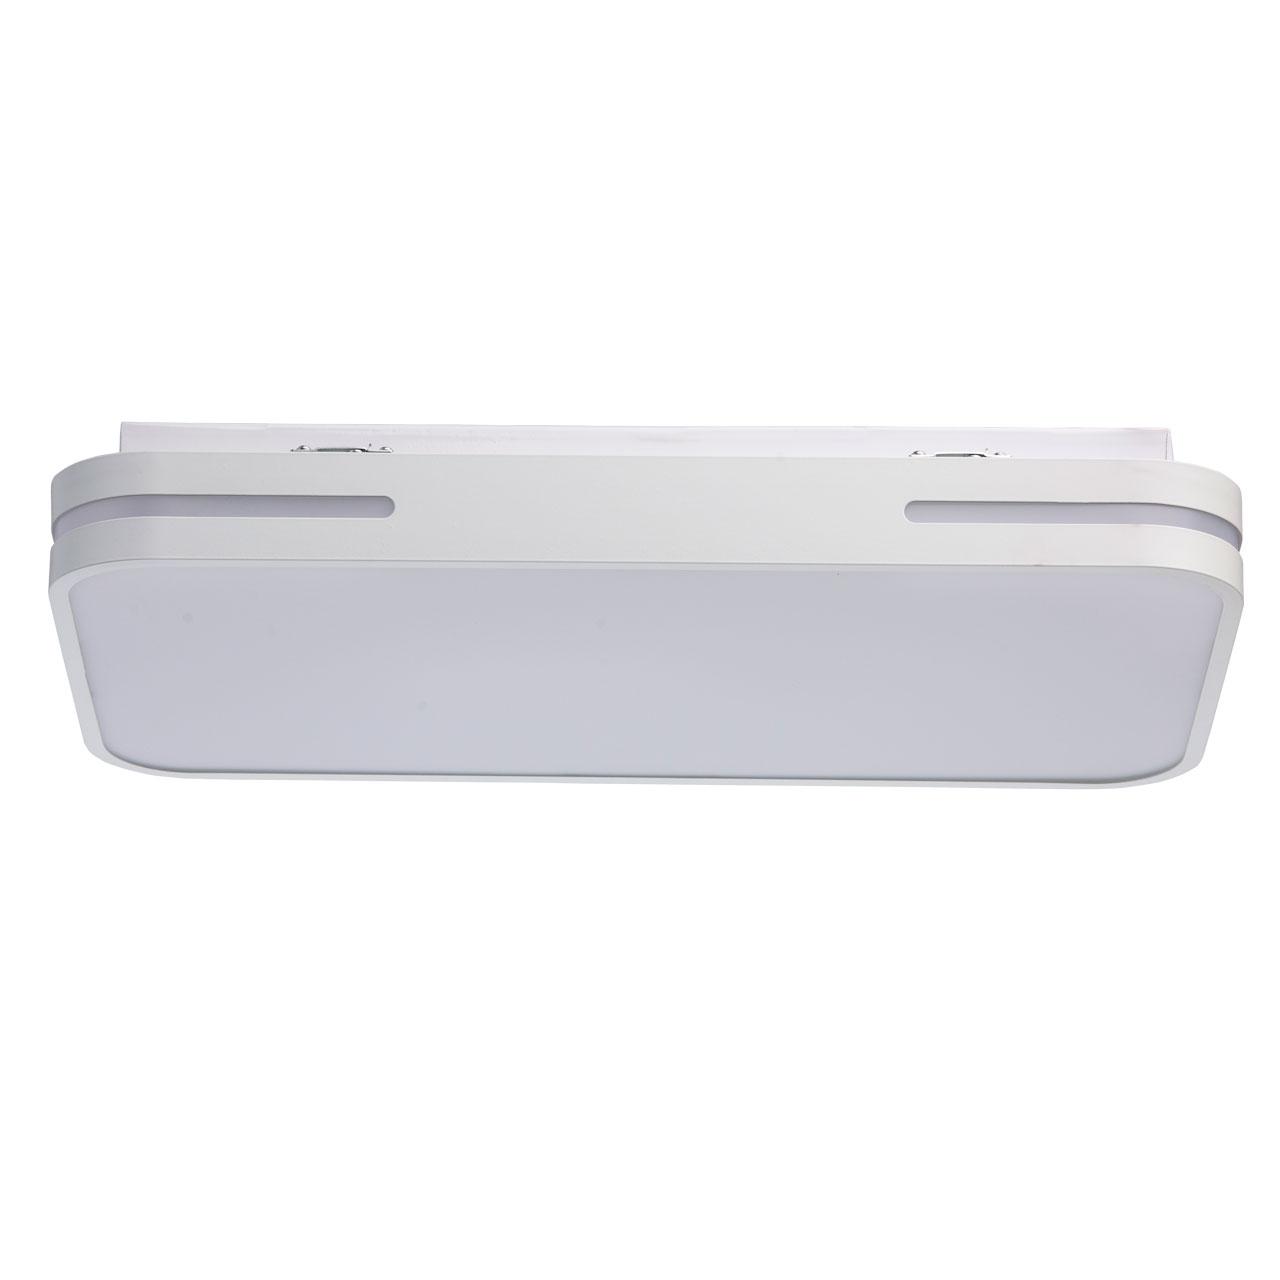 Купить со скидкой Потолочный светодиодный светильник с пультом ду mw-Light ривз